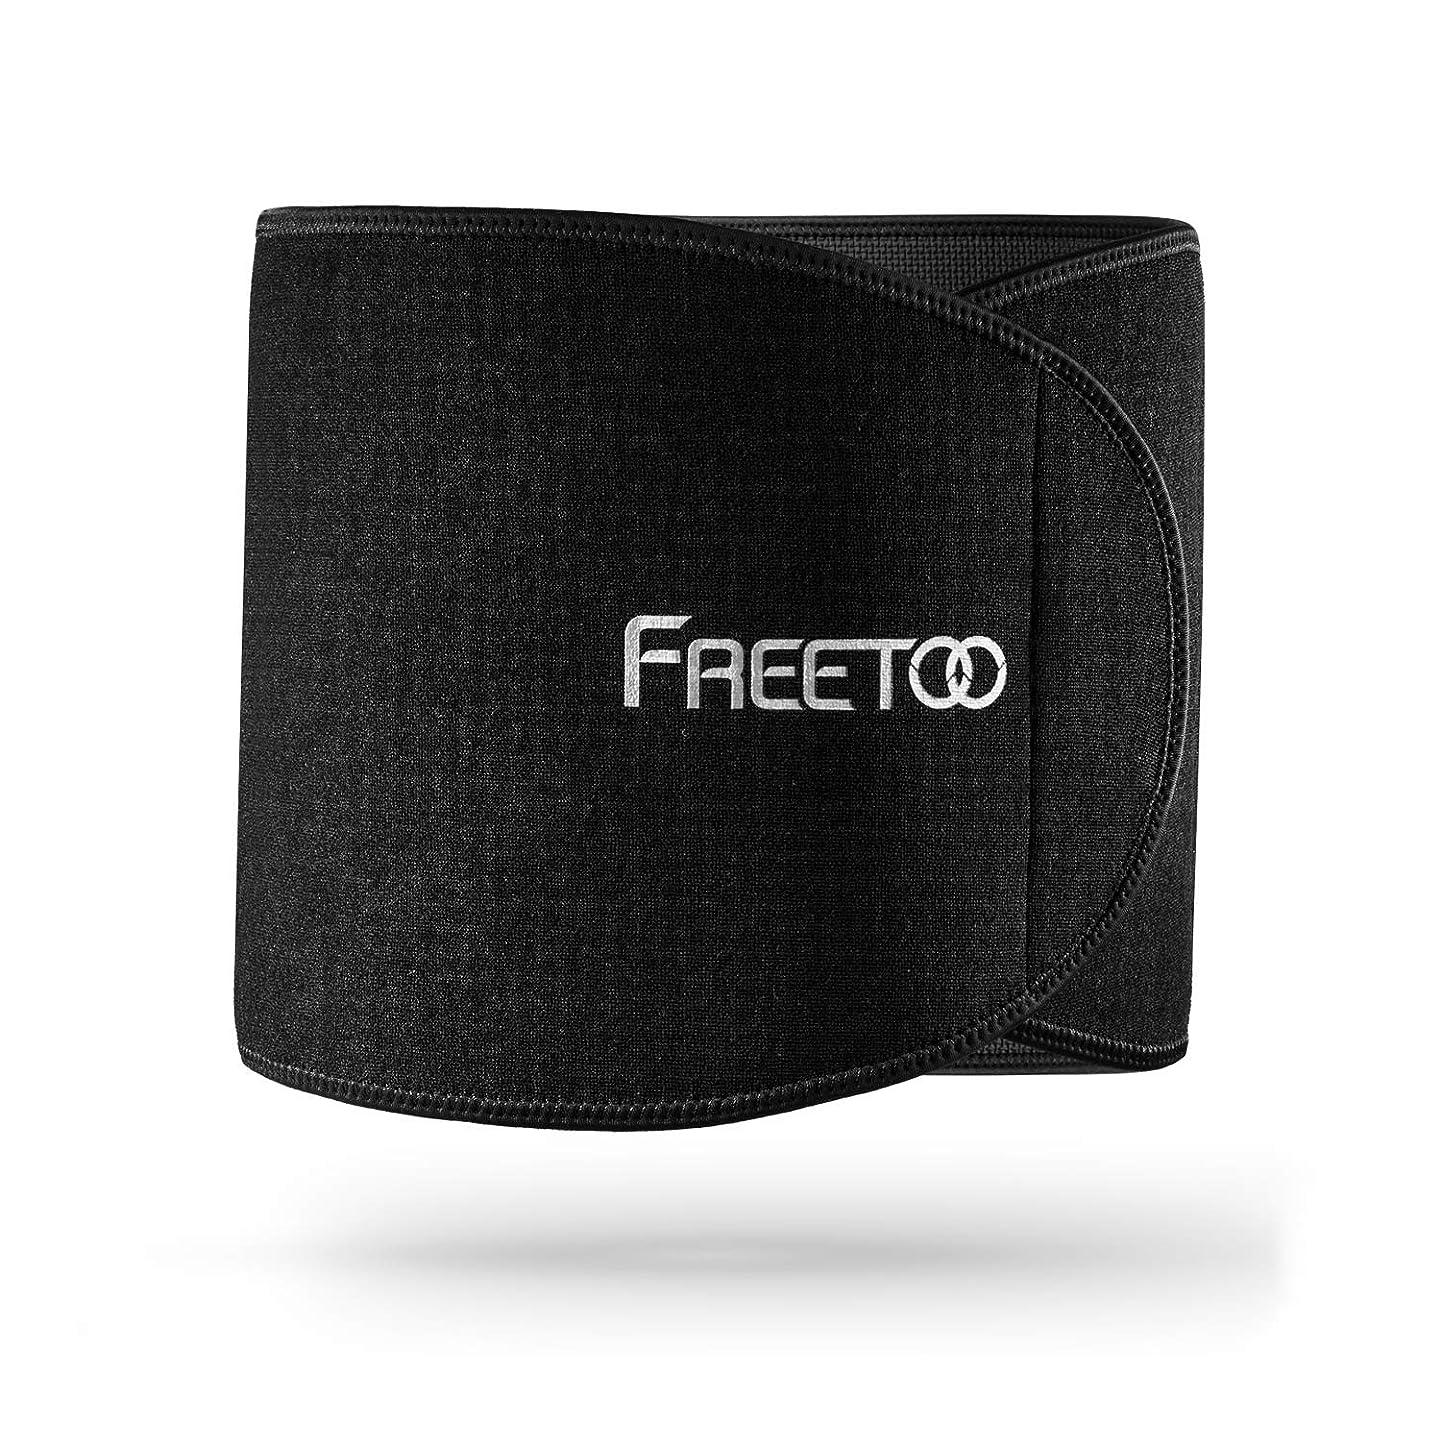 有効化摩擦ボリュームFREETOO シェイプアップベルト ダイエットベルト 発汗 脂肪燃焼 ウエストトリマーベルト 厚さ2.5-3mm 軽量 お腹引き締めベルト 高品質材料 男女兼用 様々なスポーツに対応 3サイズ